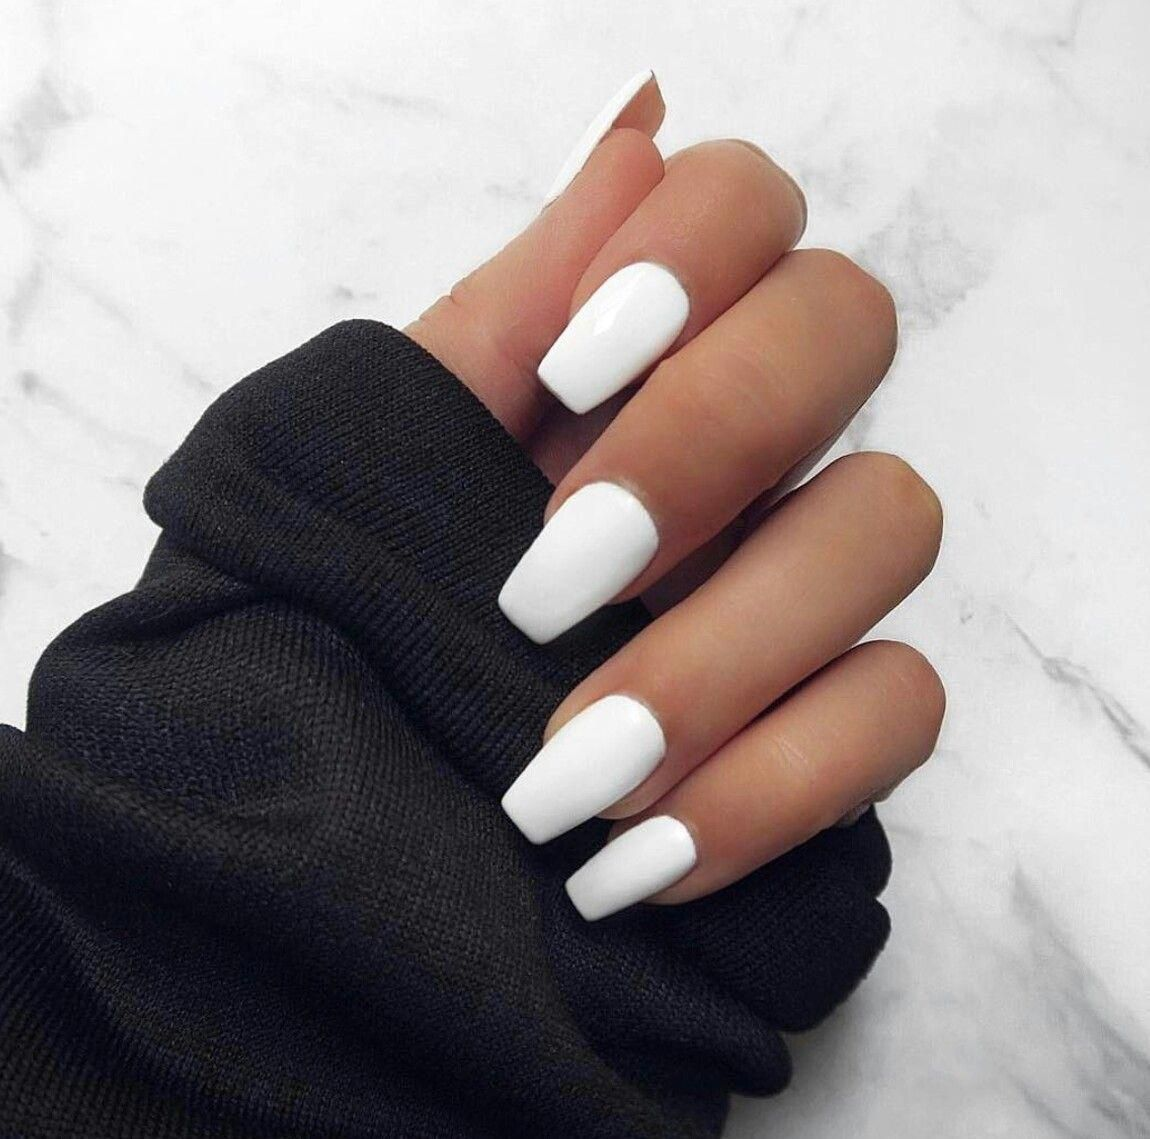 White Nails Glitter White Acrylic Nails Short White Nail Art Ideas Whitegold Nail Art Studio White N White Acrylic Nails Cow Nails Acrylic Nail Designs